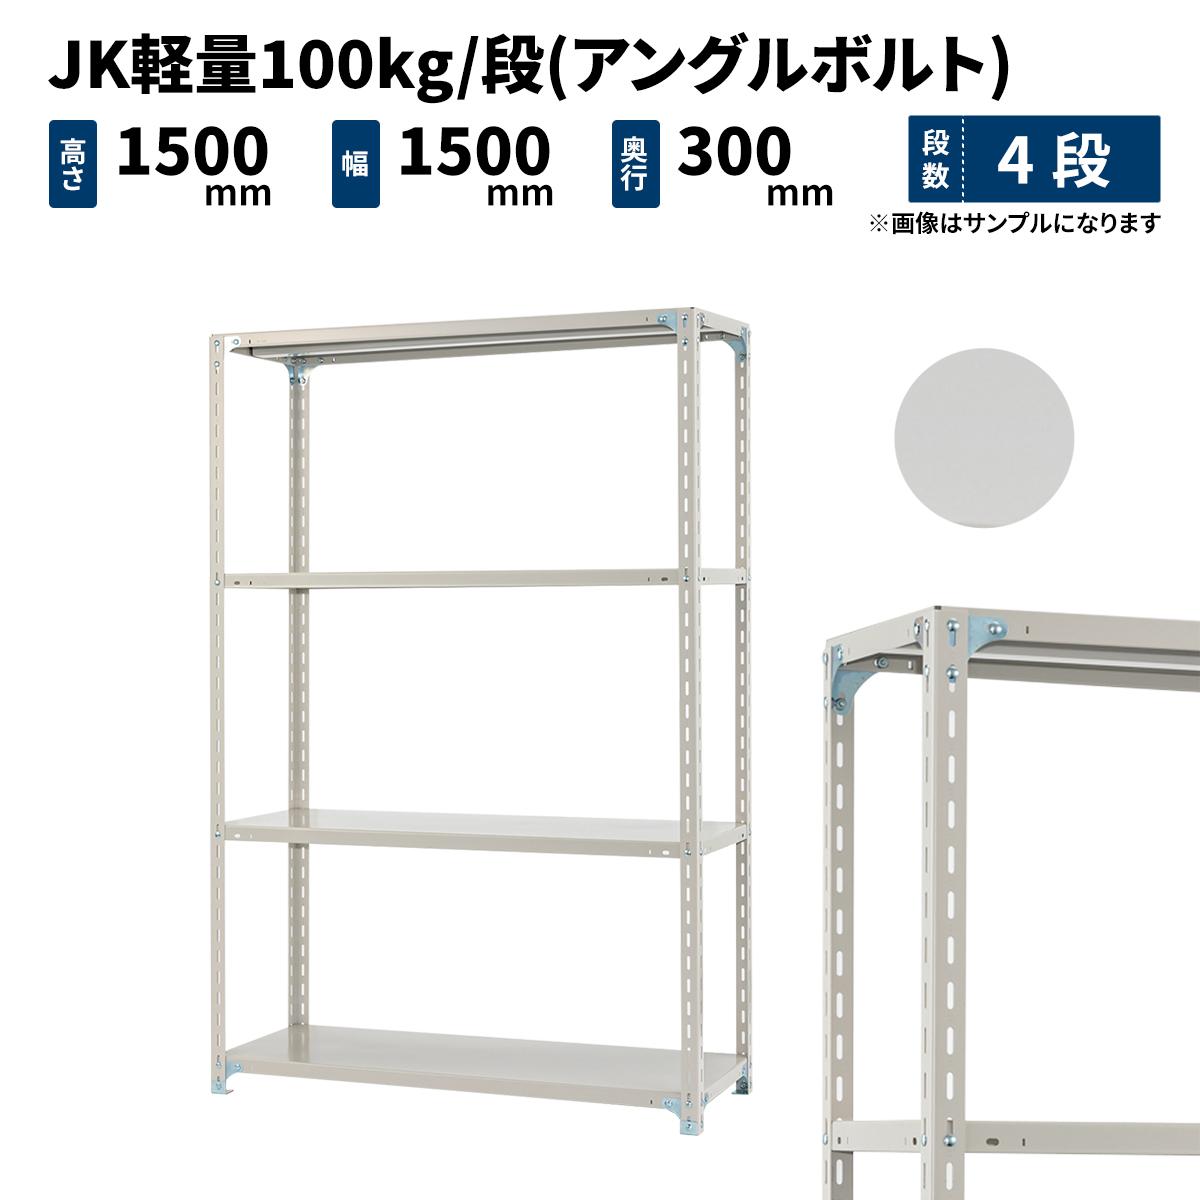 スチールラック 業務用 JK軽量100kg/段(アングルボルト) 高さ1500×幅1500×奥行300mm 4段 ホワイトグレー (32kg) JK100BT-151503-4